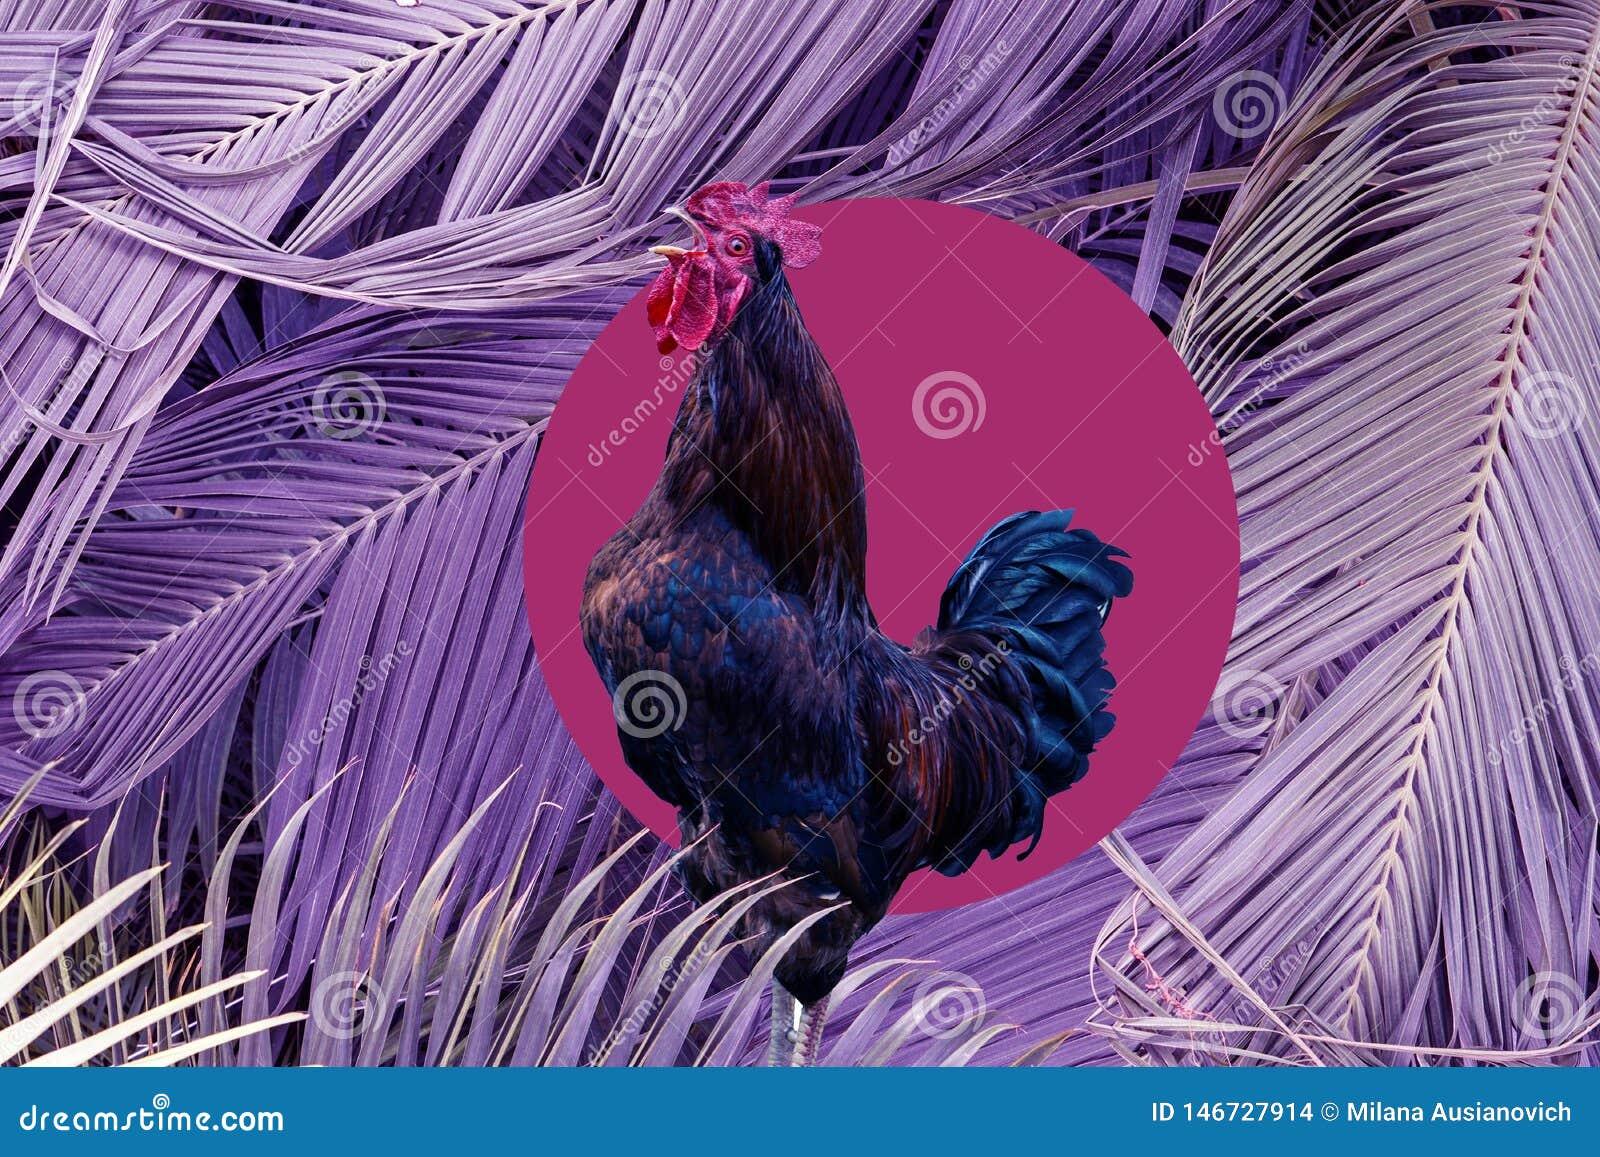 Gallo del canto del collage del arte contempor?neo en fondo grande p?rpura de las hojas de palma Concepto moderno de la cultura d